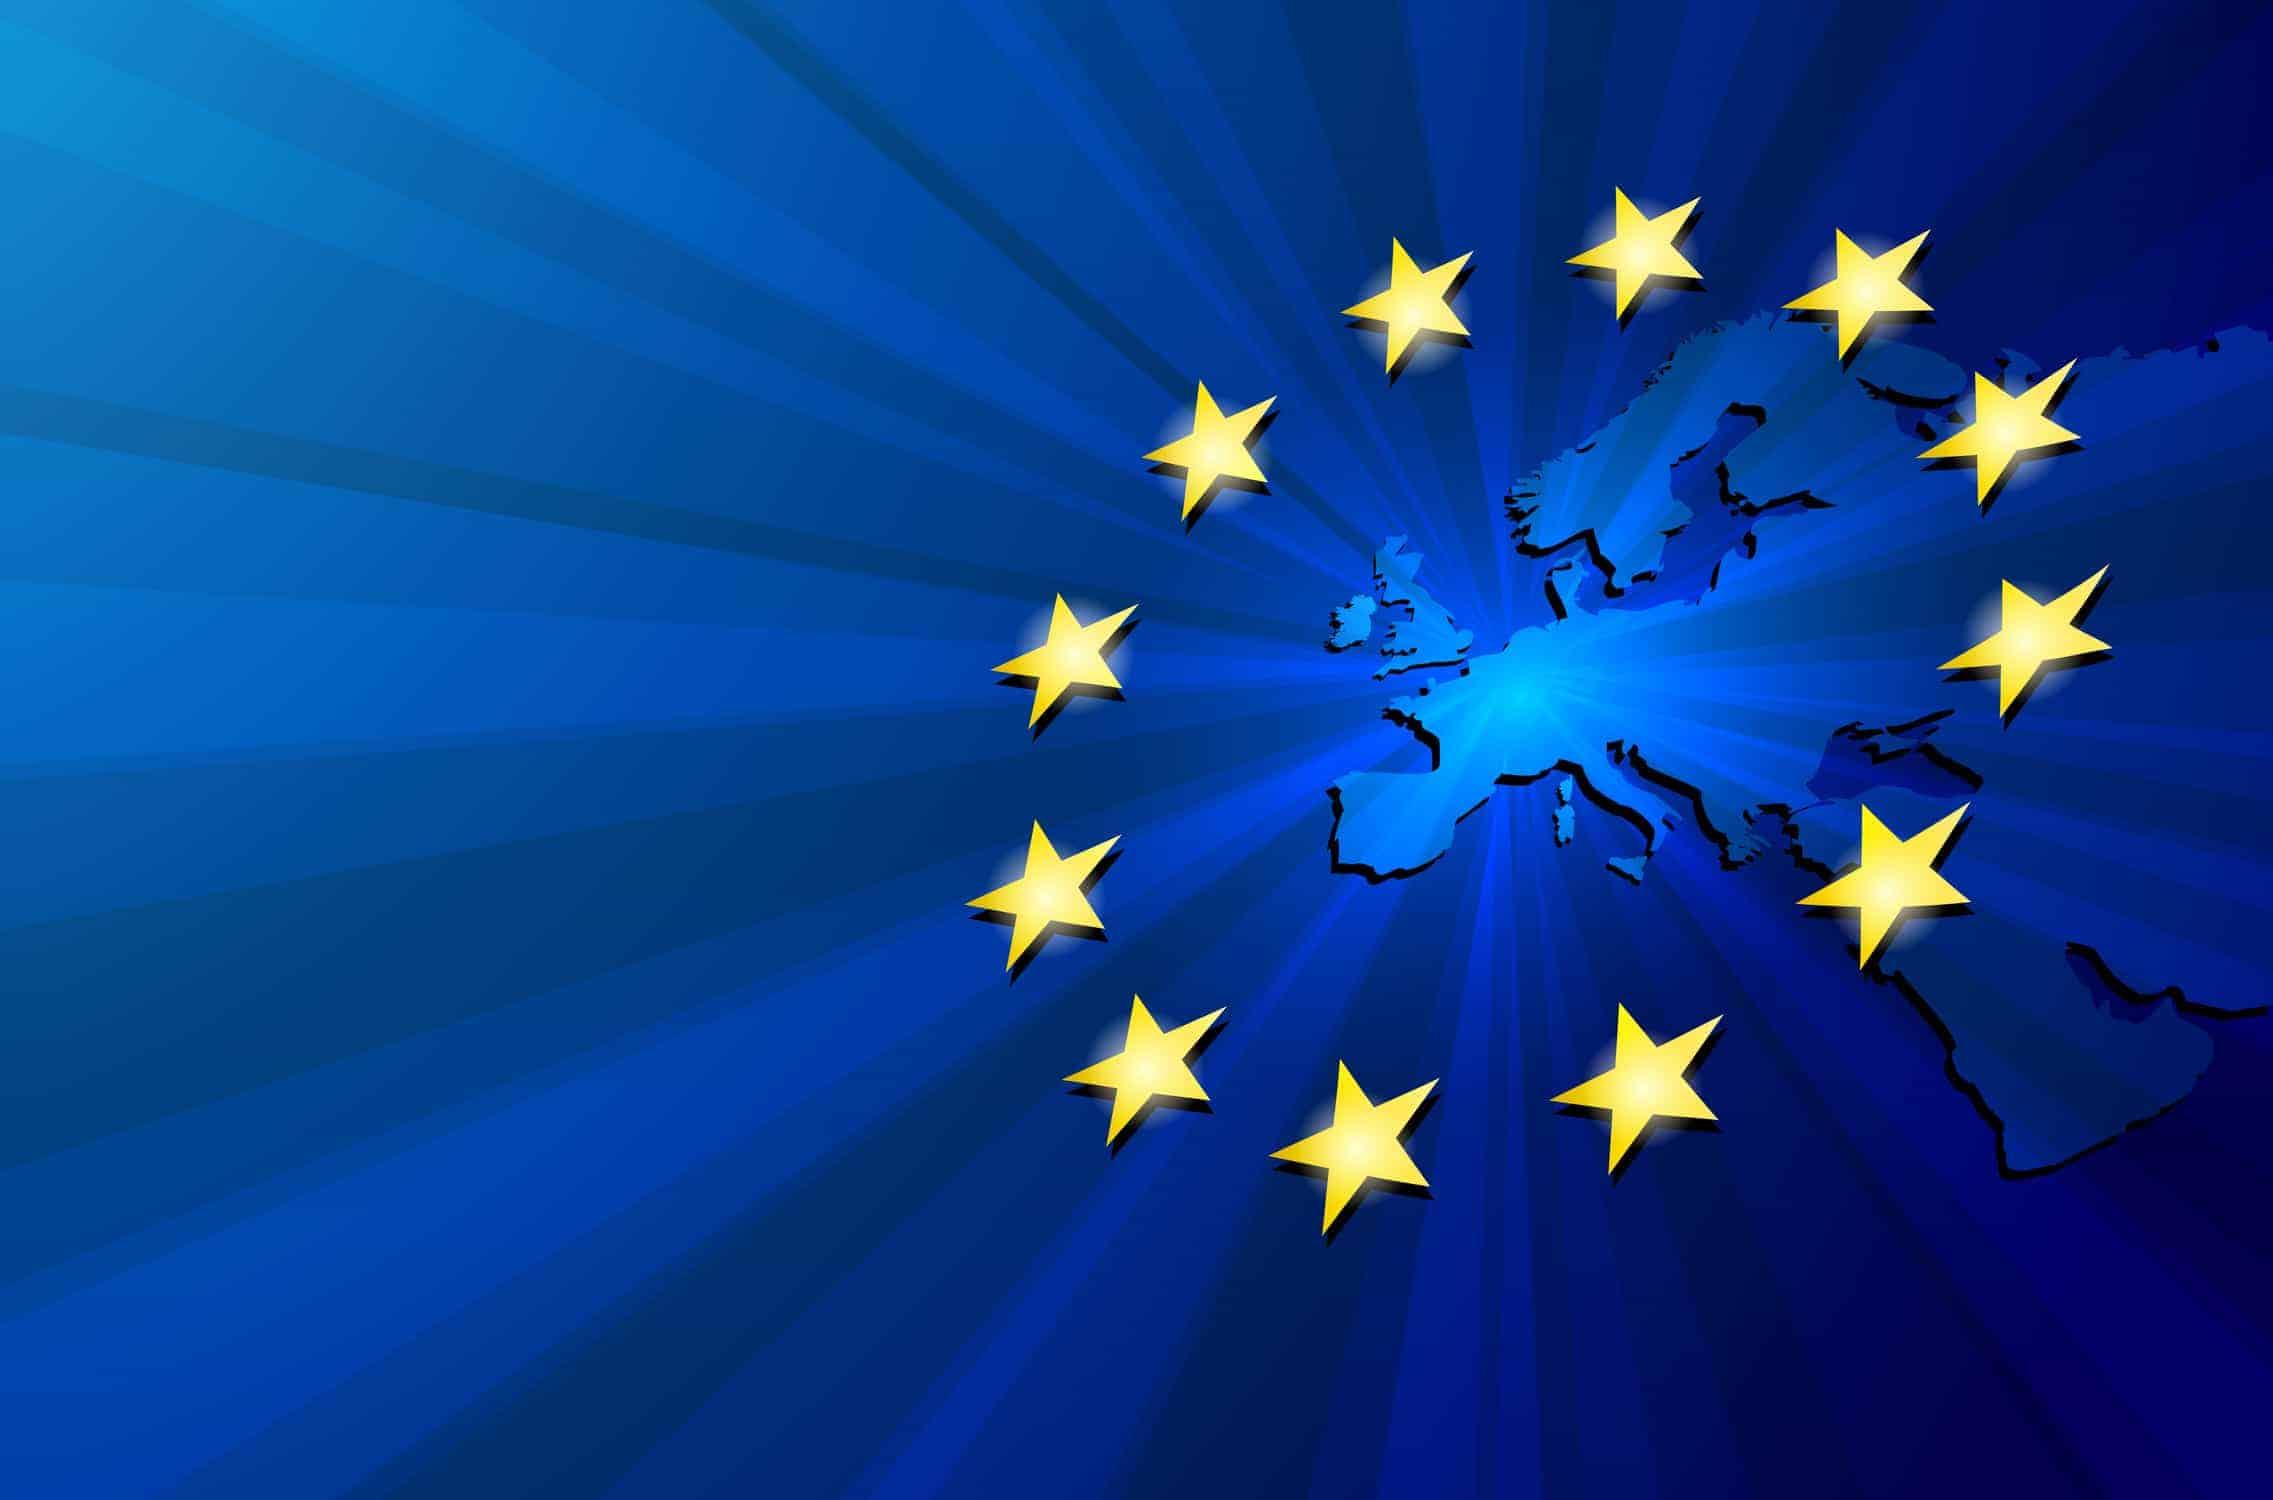 יוזמת ה- ETIAS איך זה התחיל ומתי זה ייכנס לתוקף?